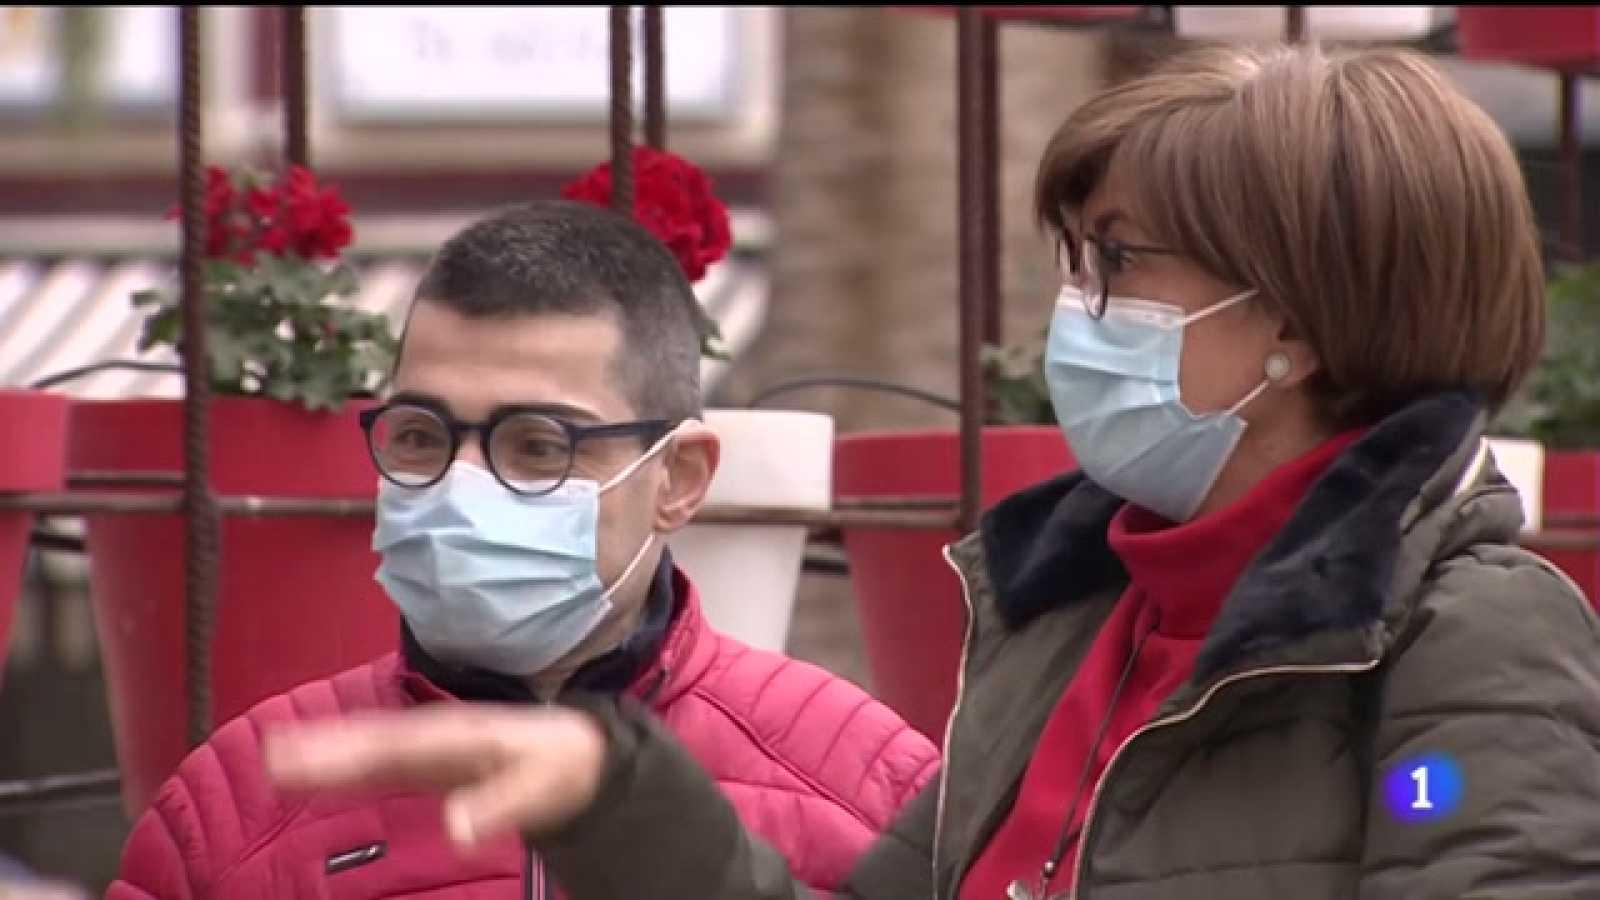 Noticia sobre Óscar, con alfamanosidosis, que reclama un tratamiento específico